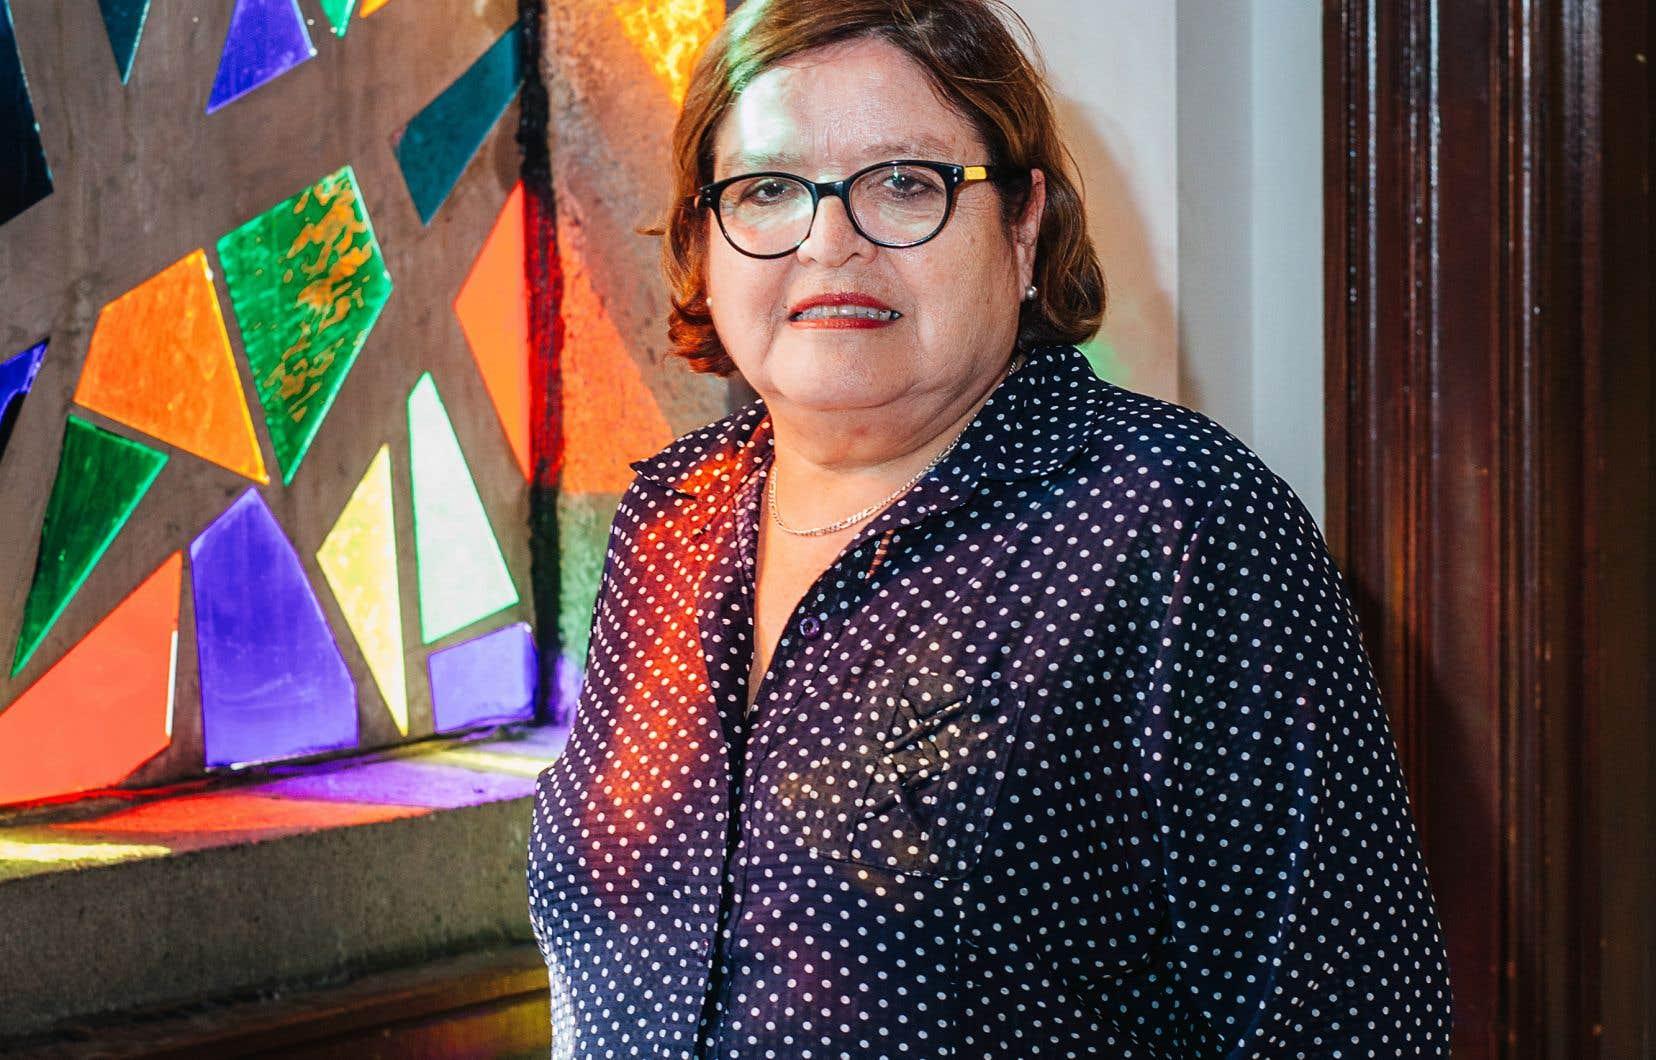 Rosa Elena Donoso est pasteure depuis 12 ans dela paroisse Camino de Emaùs de l'Église unie.